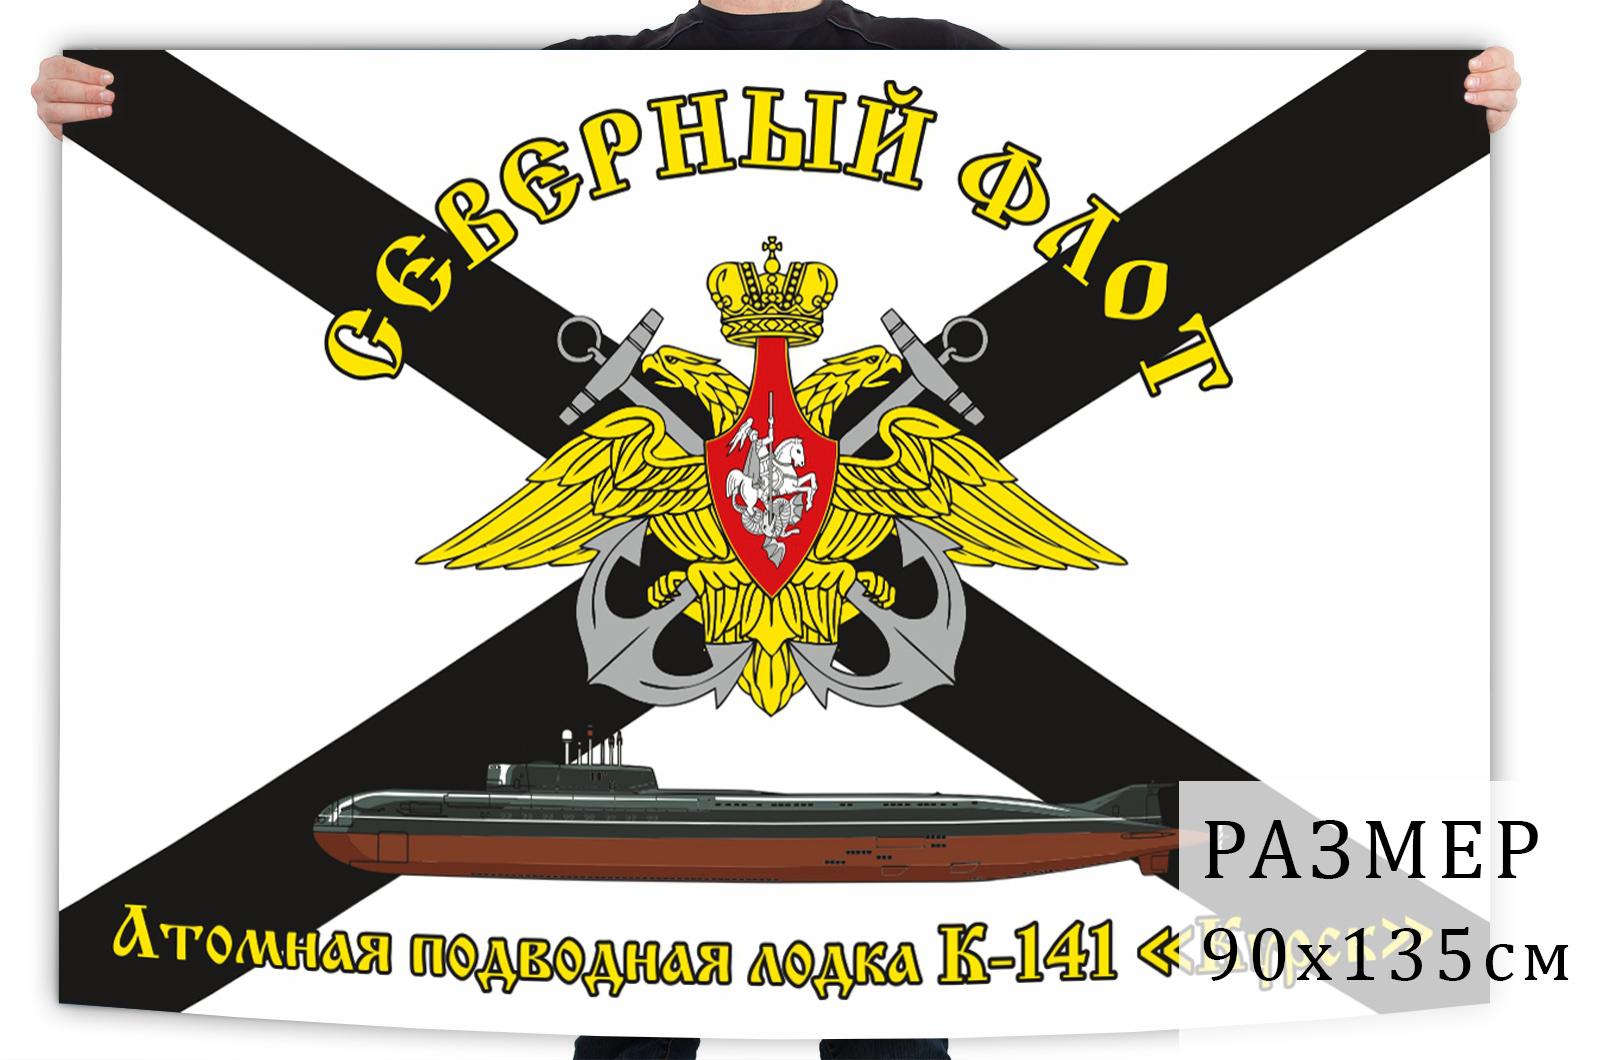 Заказать ВМФ флаг К-141 Курск, Северный флот